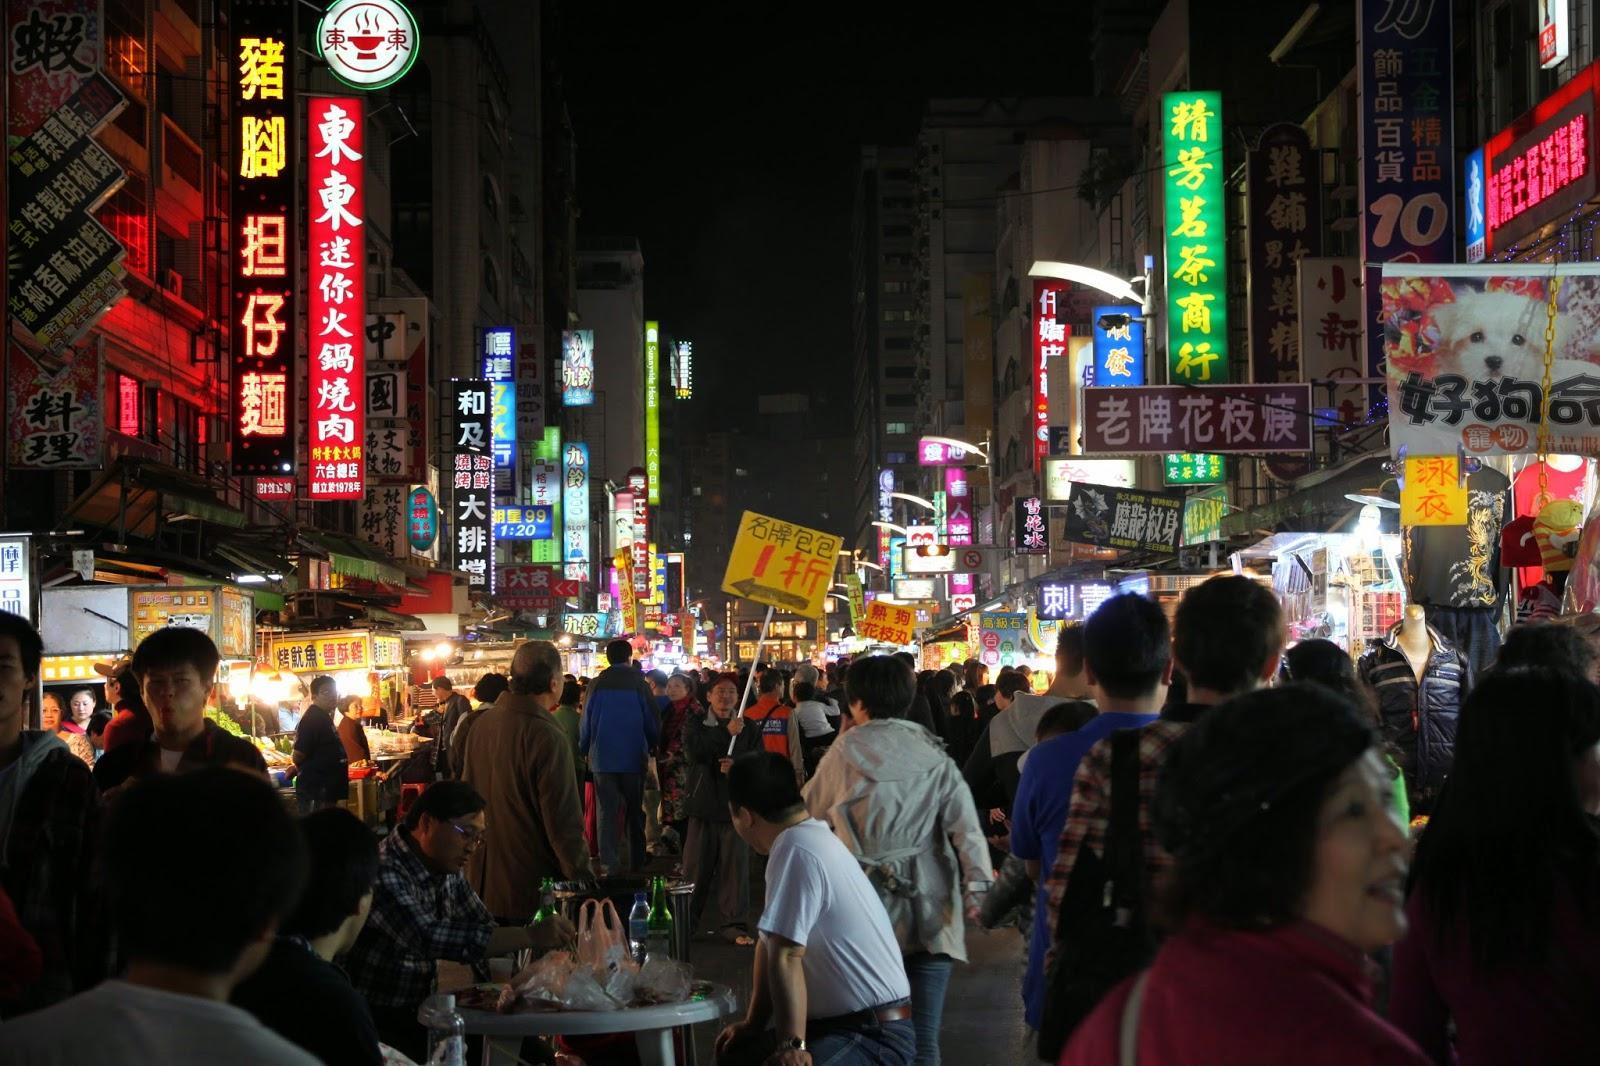 Khu chợ đêm luôn tấp nập người qua lại